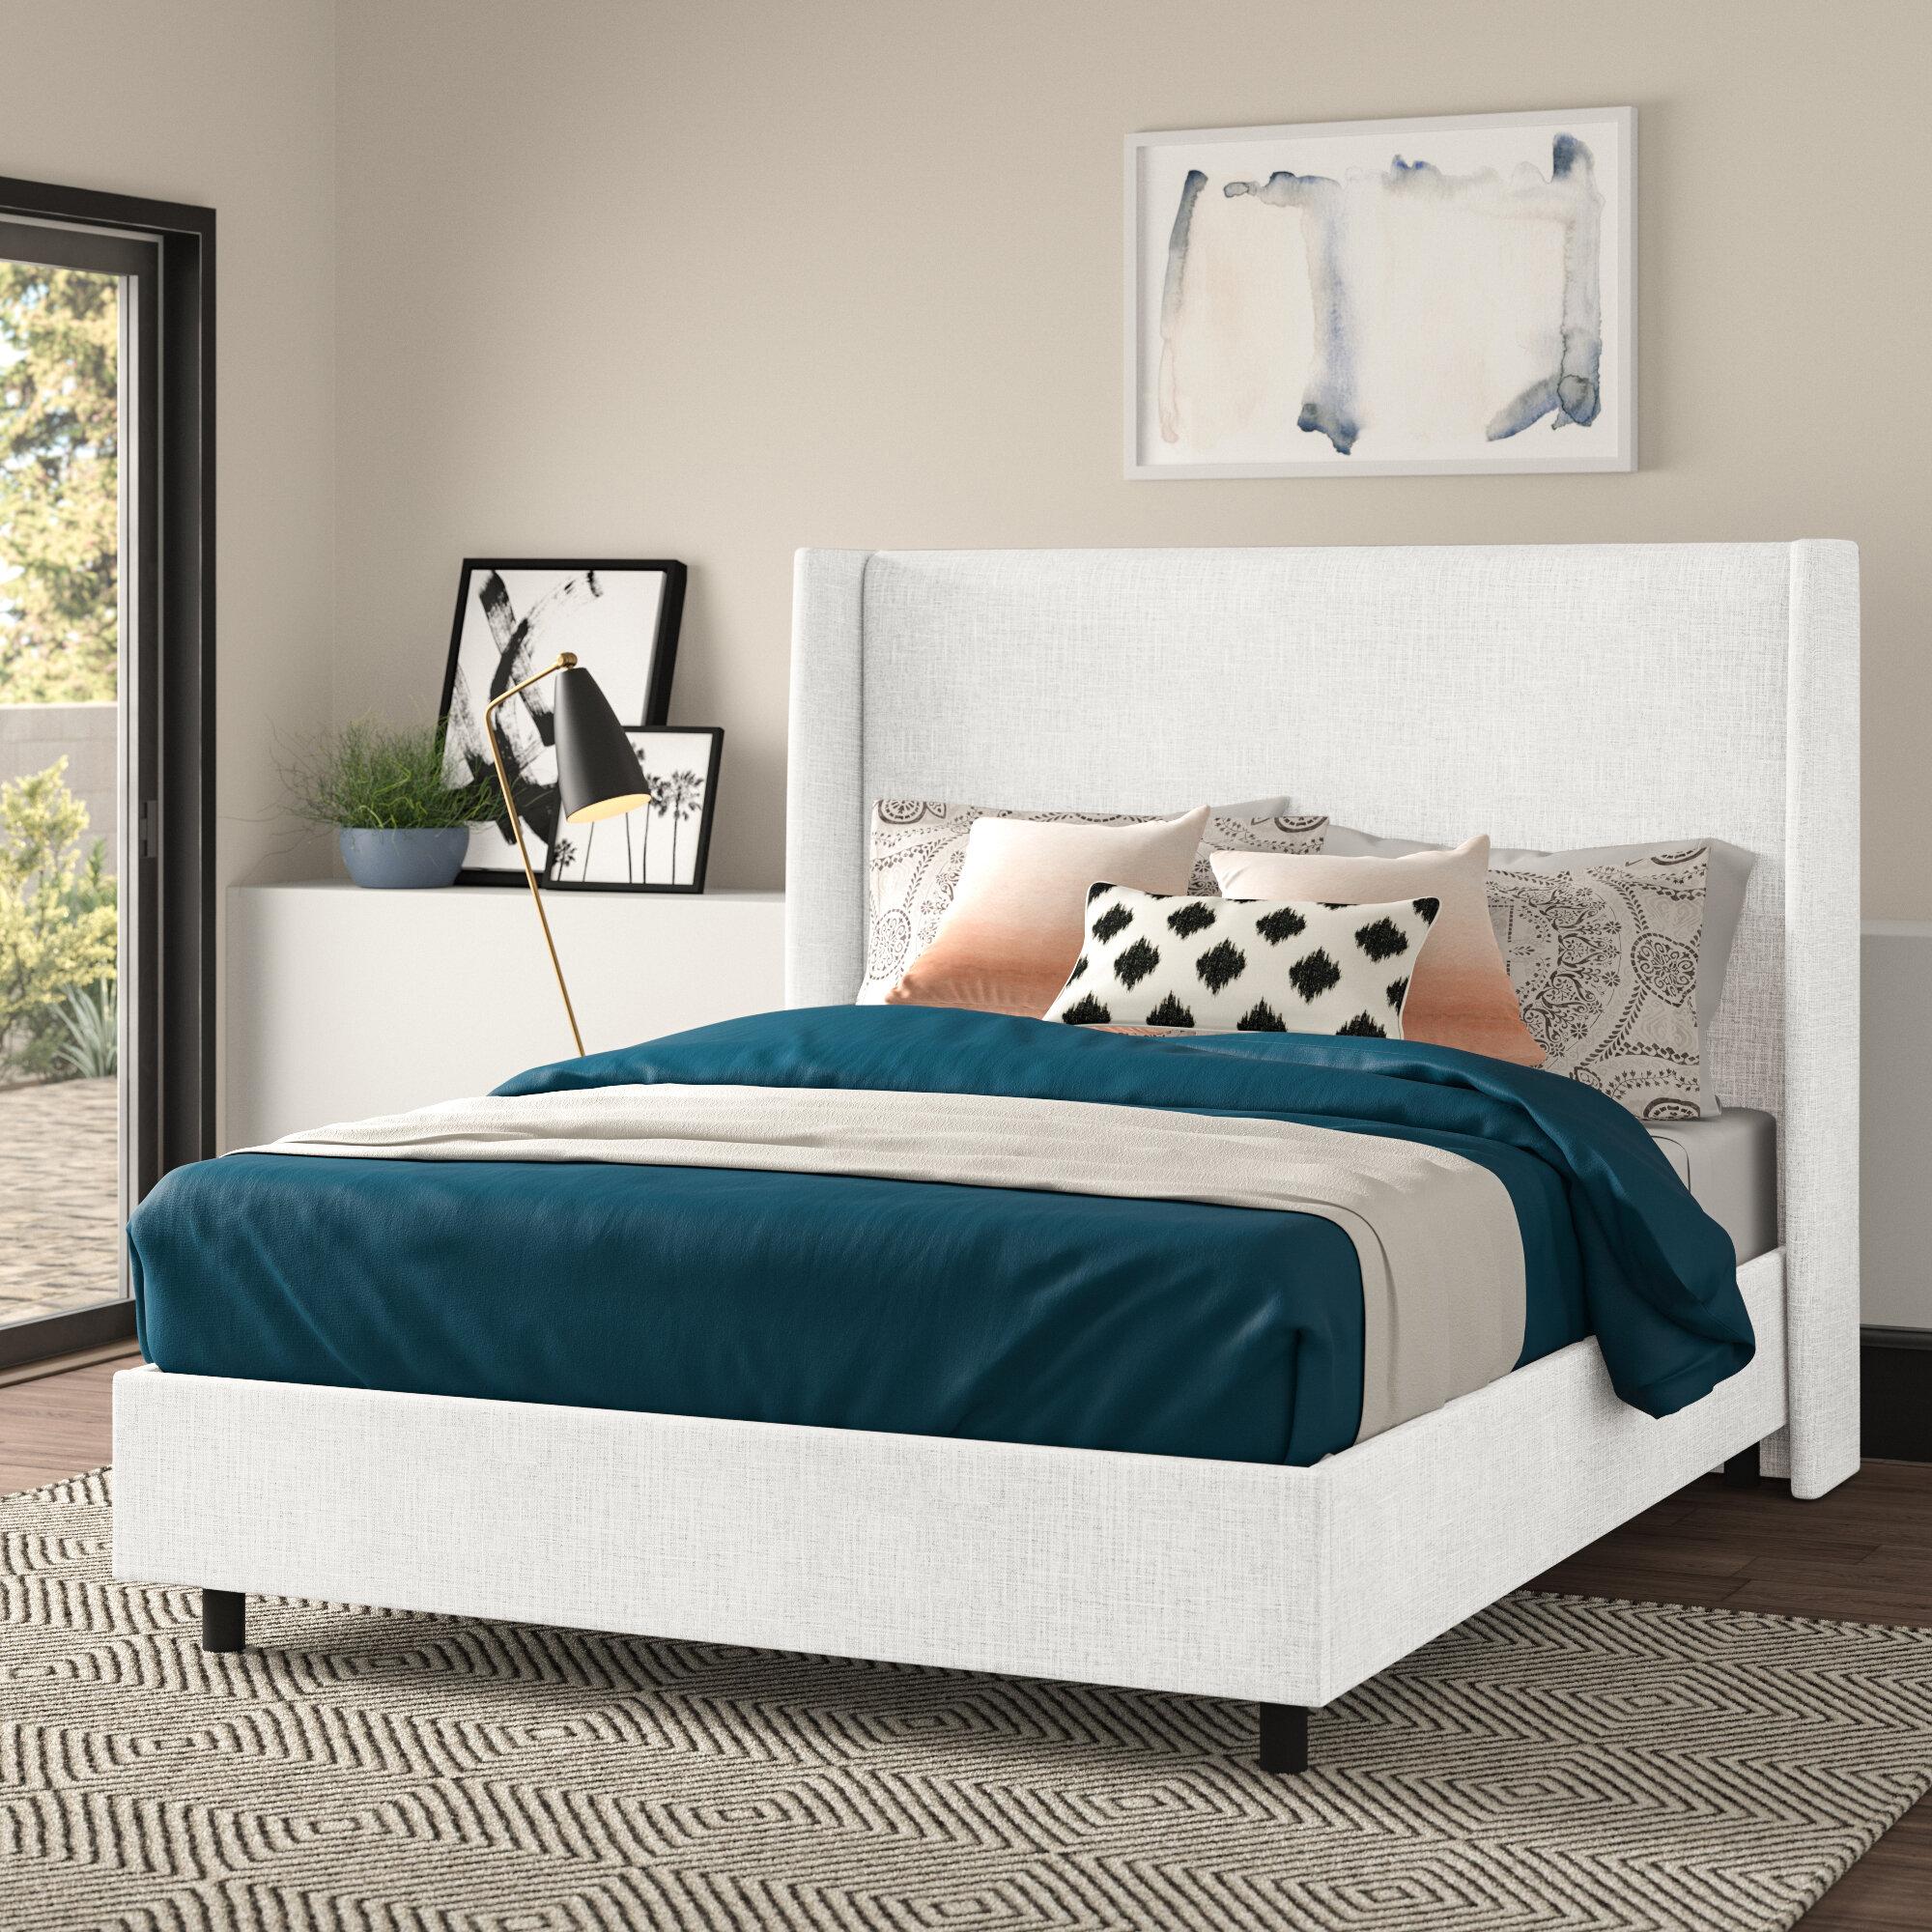 Joss Main Alrai Upholstered Low Profile Standard Bed Reviews Wayfair Ca